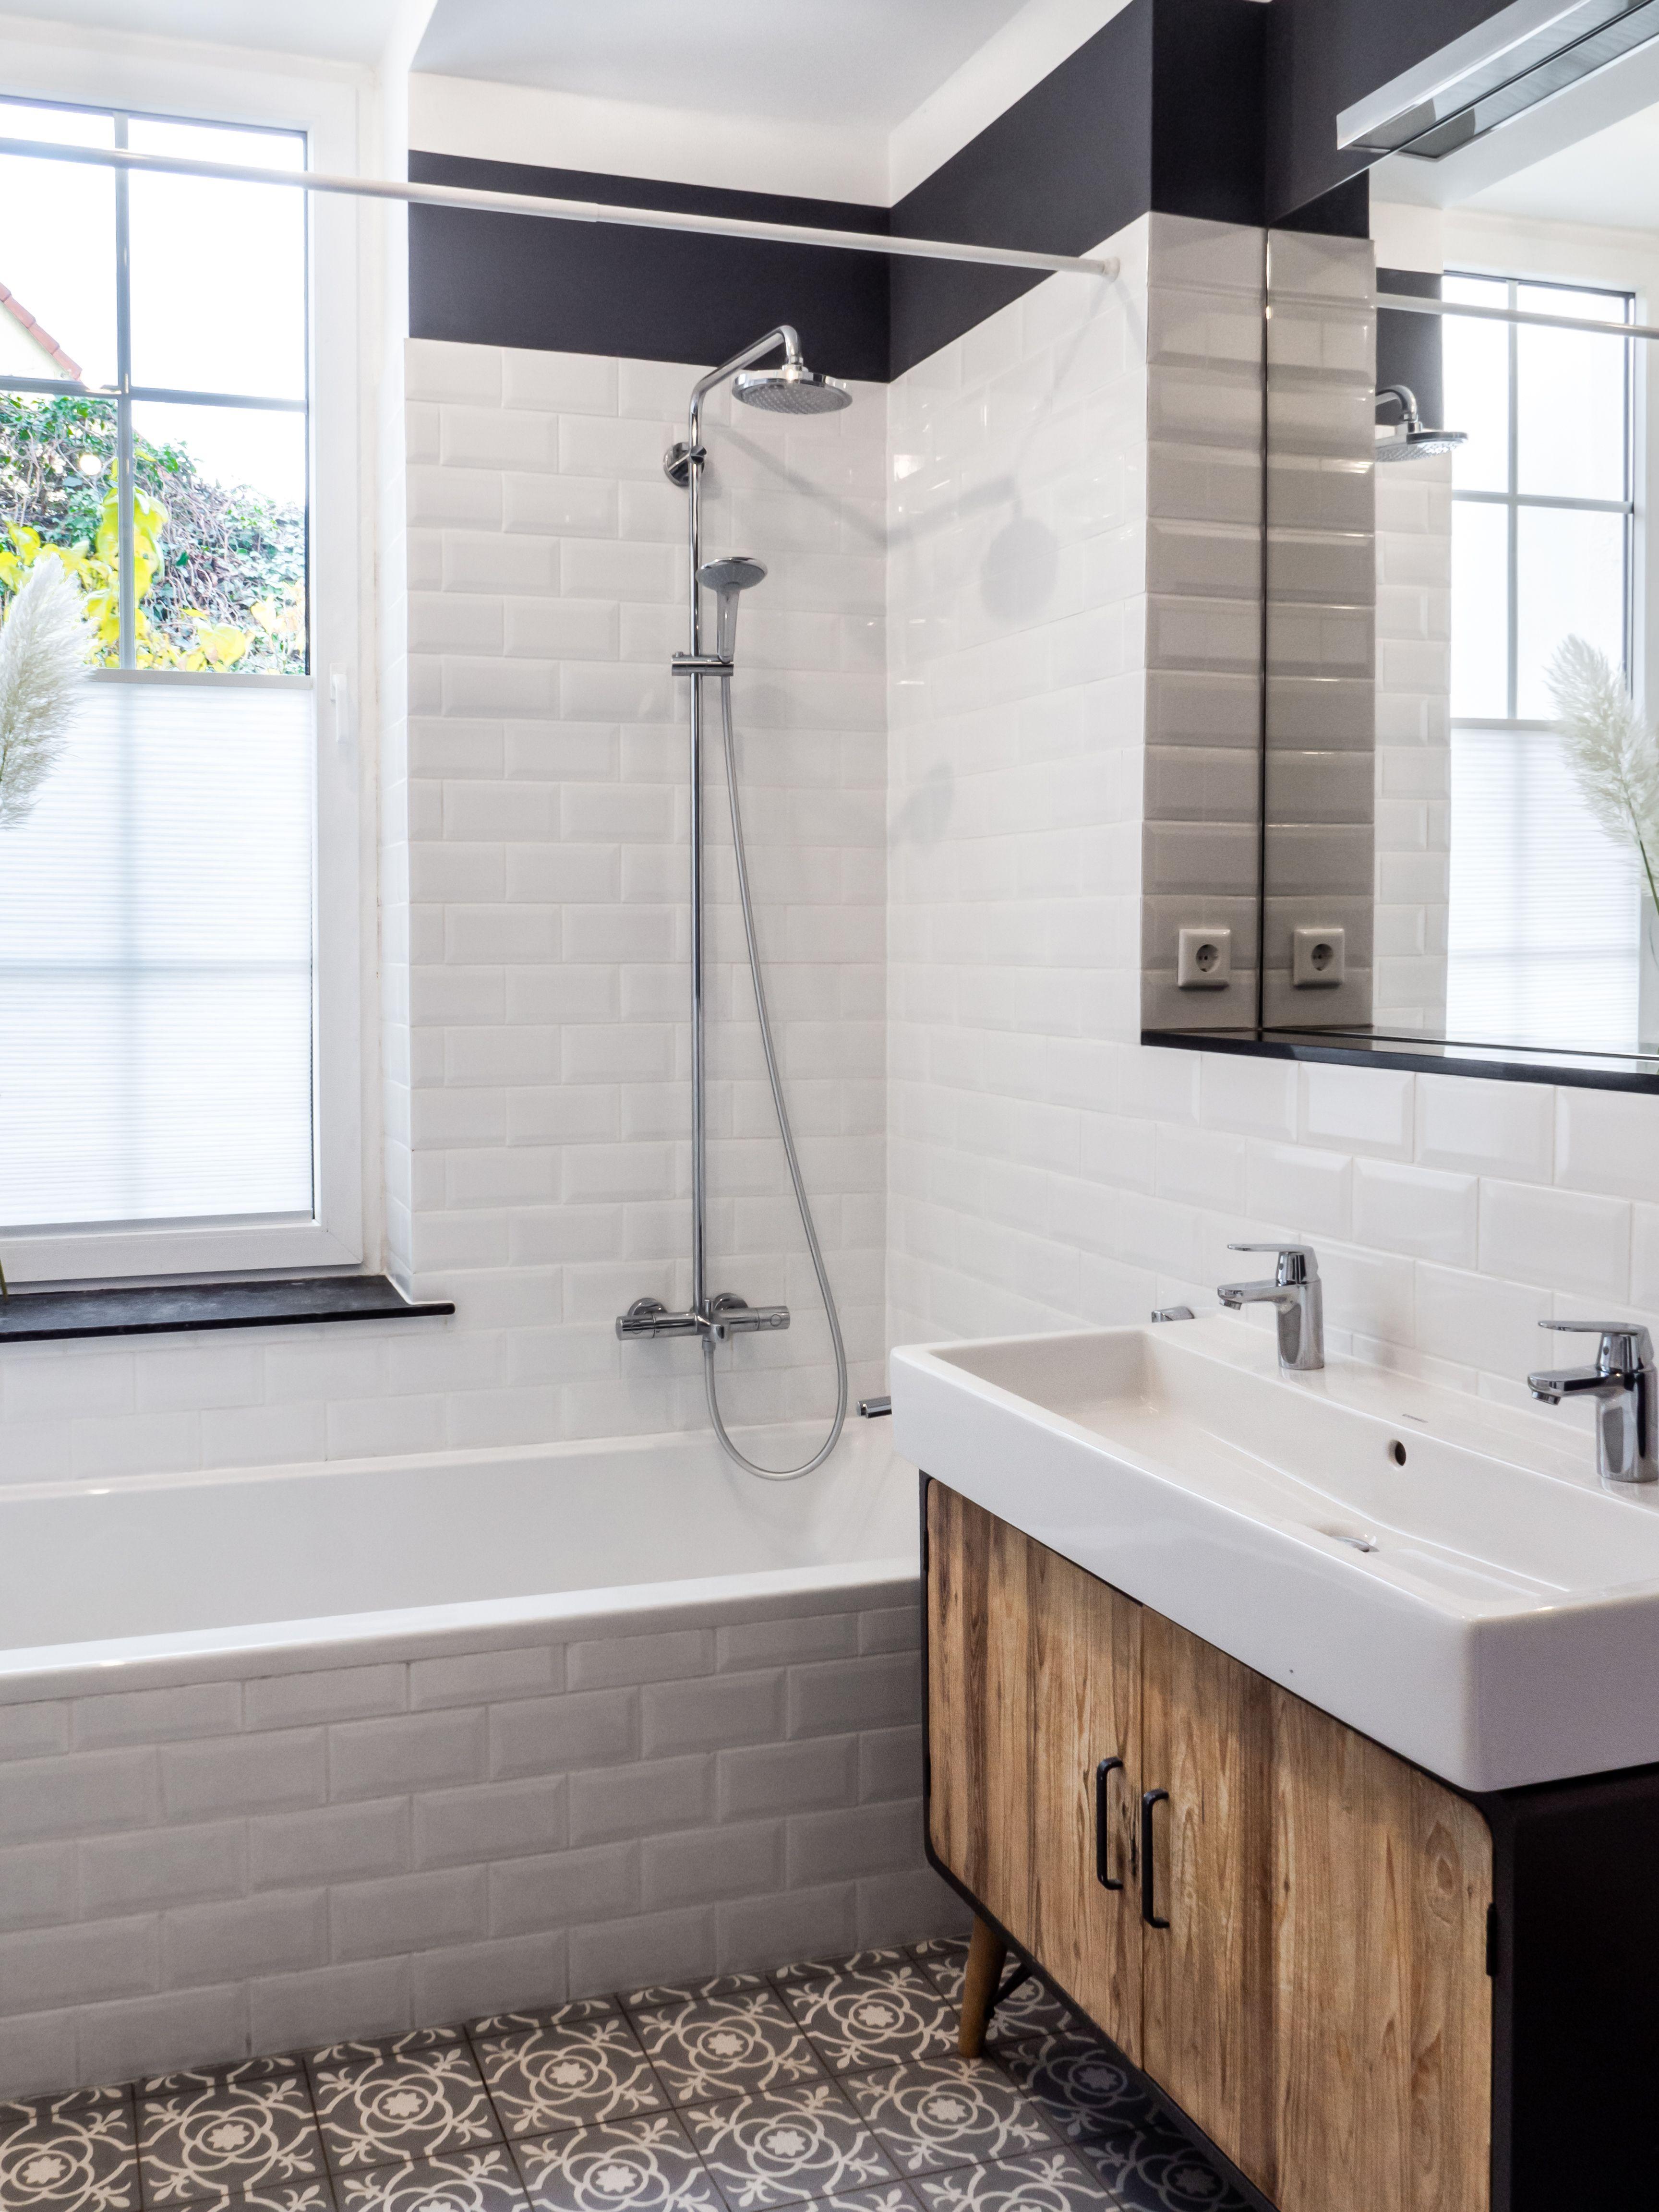 Haus J Sanierung Einer Altbauwohnung In Dortmund Korne Altbauwohnung Badezimmer Muster Badezimmer